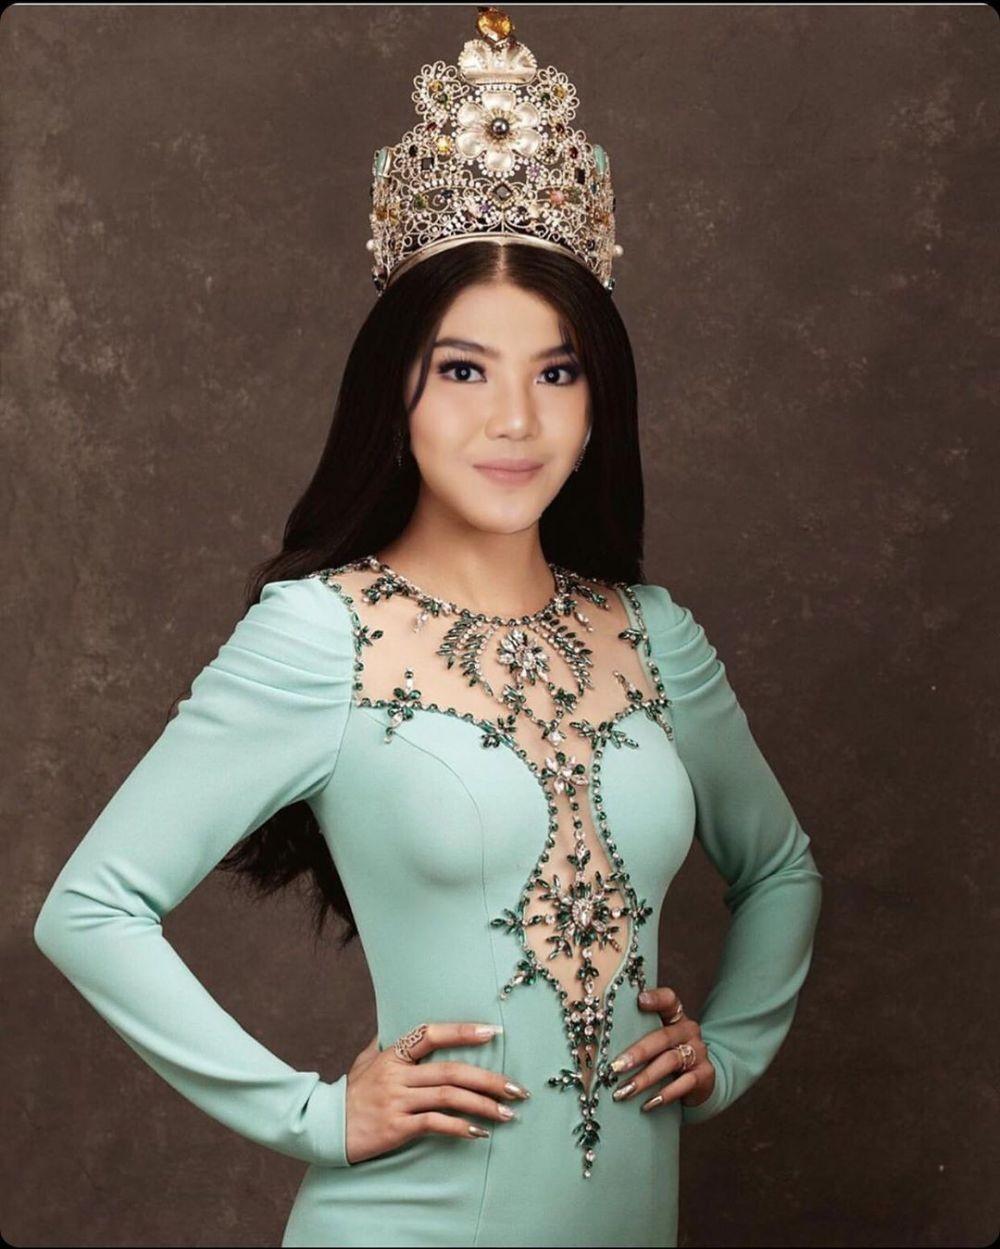 Berniat Ikut Puteri Indonesia, Ini 10 Pesona Pedangdut Rosa Meldianti